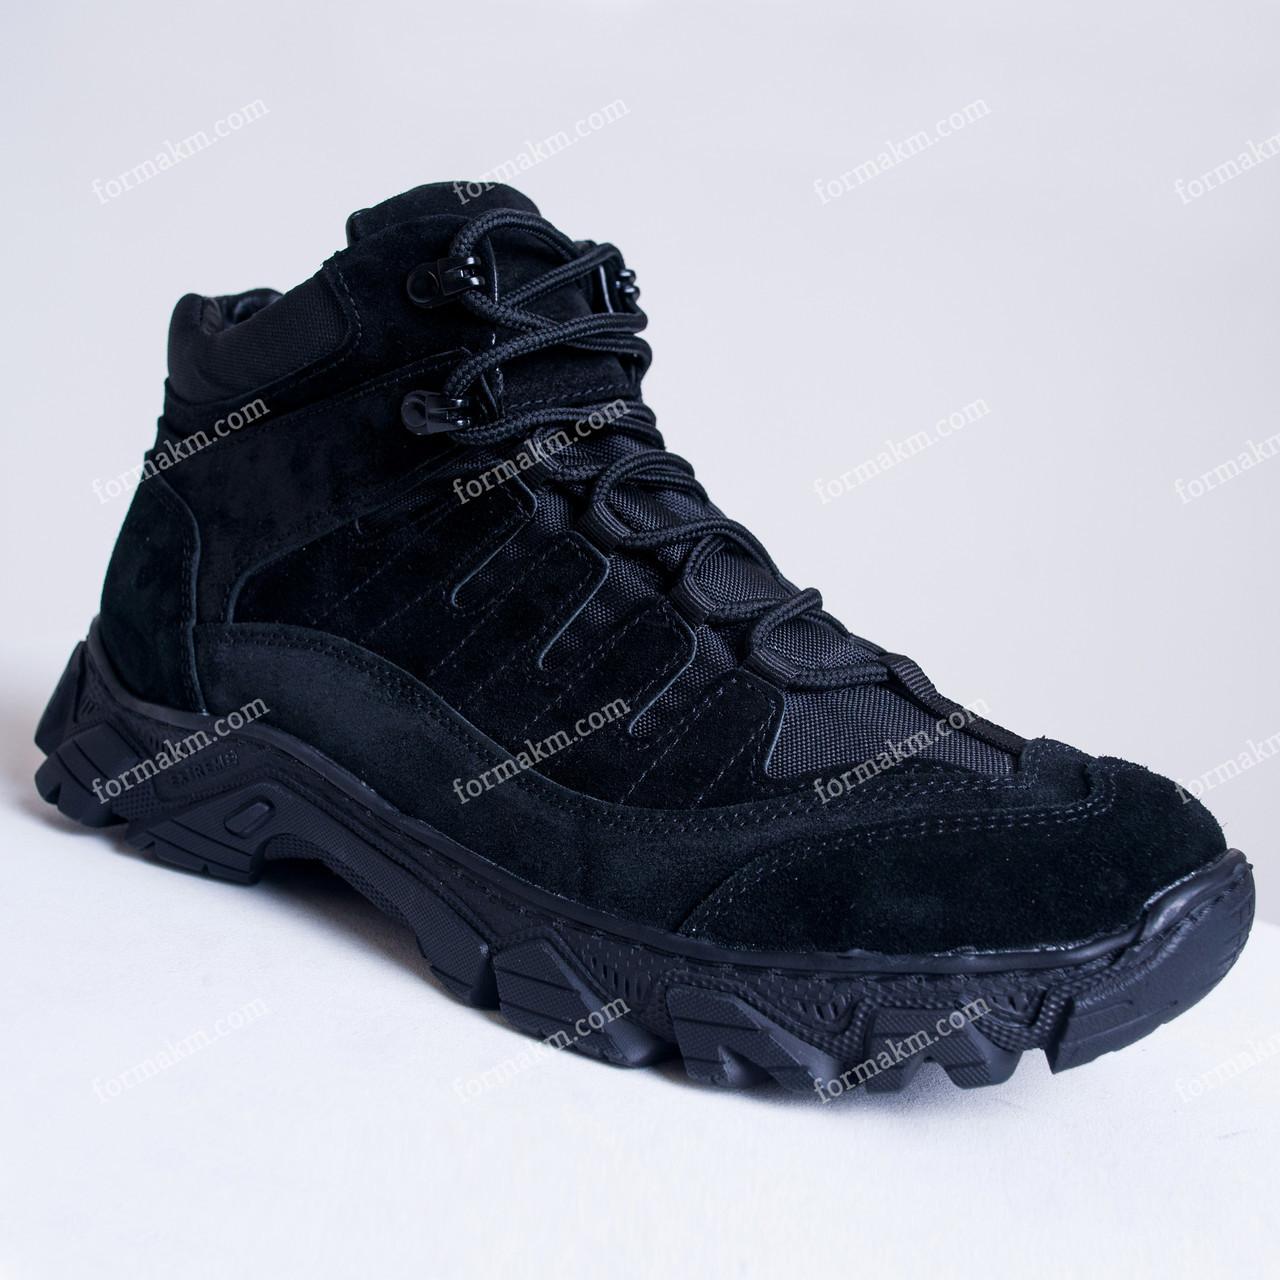 Тактические Ботинки Зимние Alpha Black